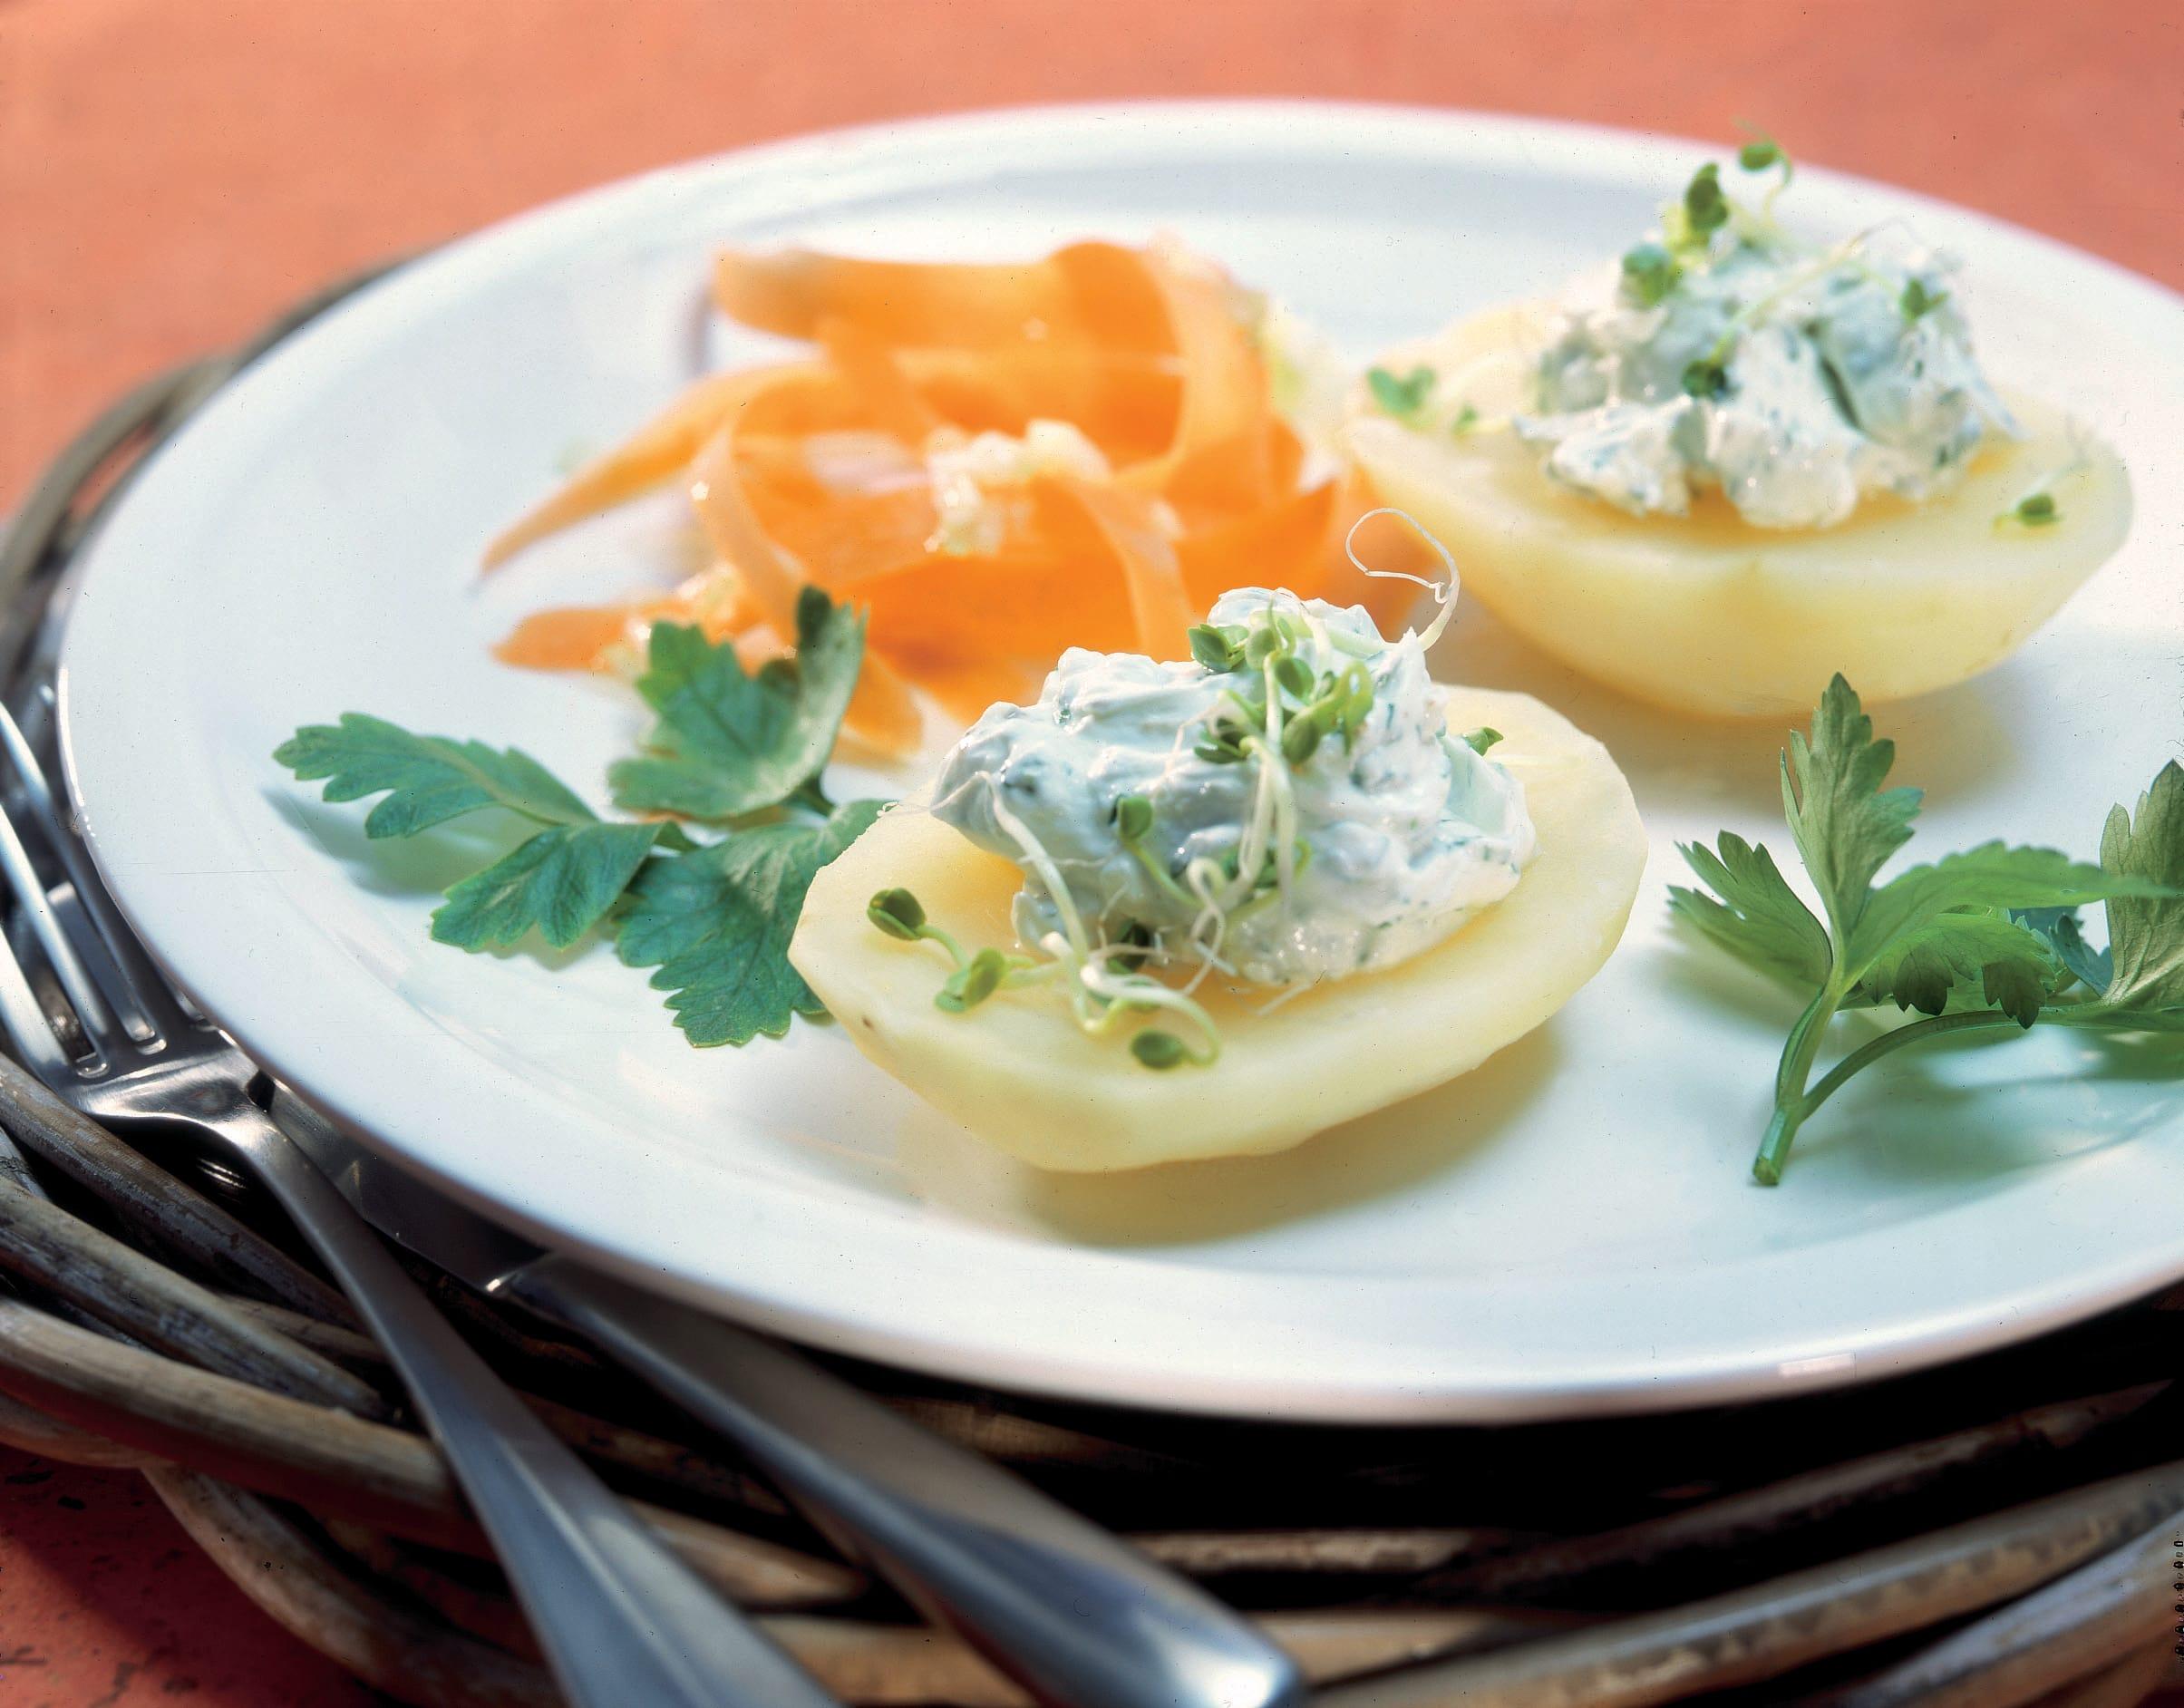 Kartoffeln mit Frischkäse-Dip und Rüebli